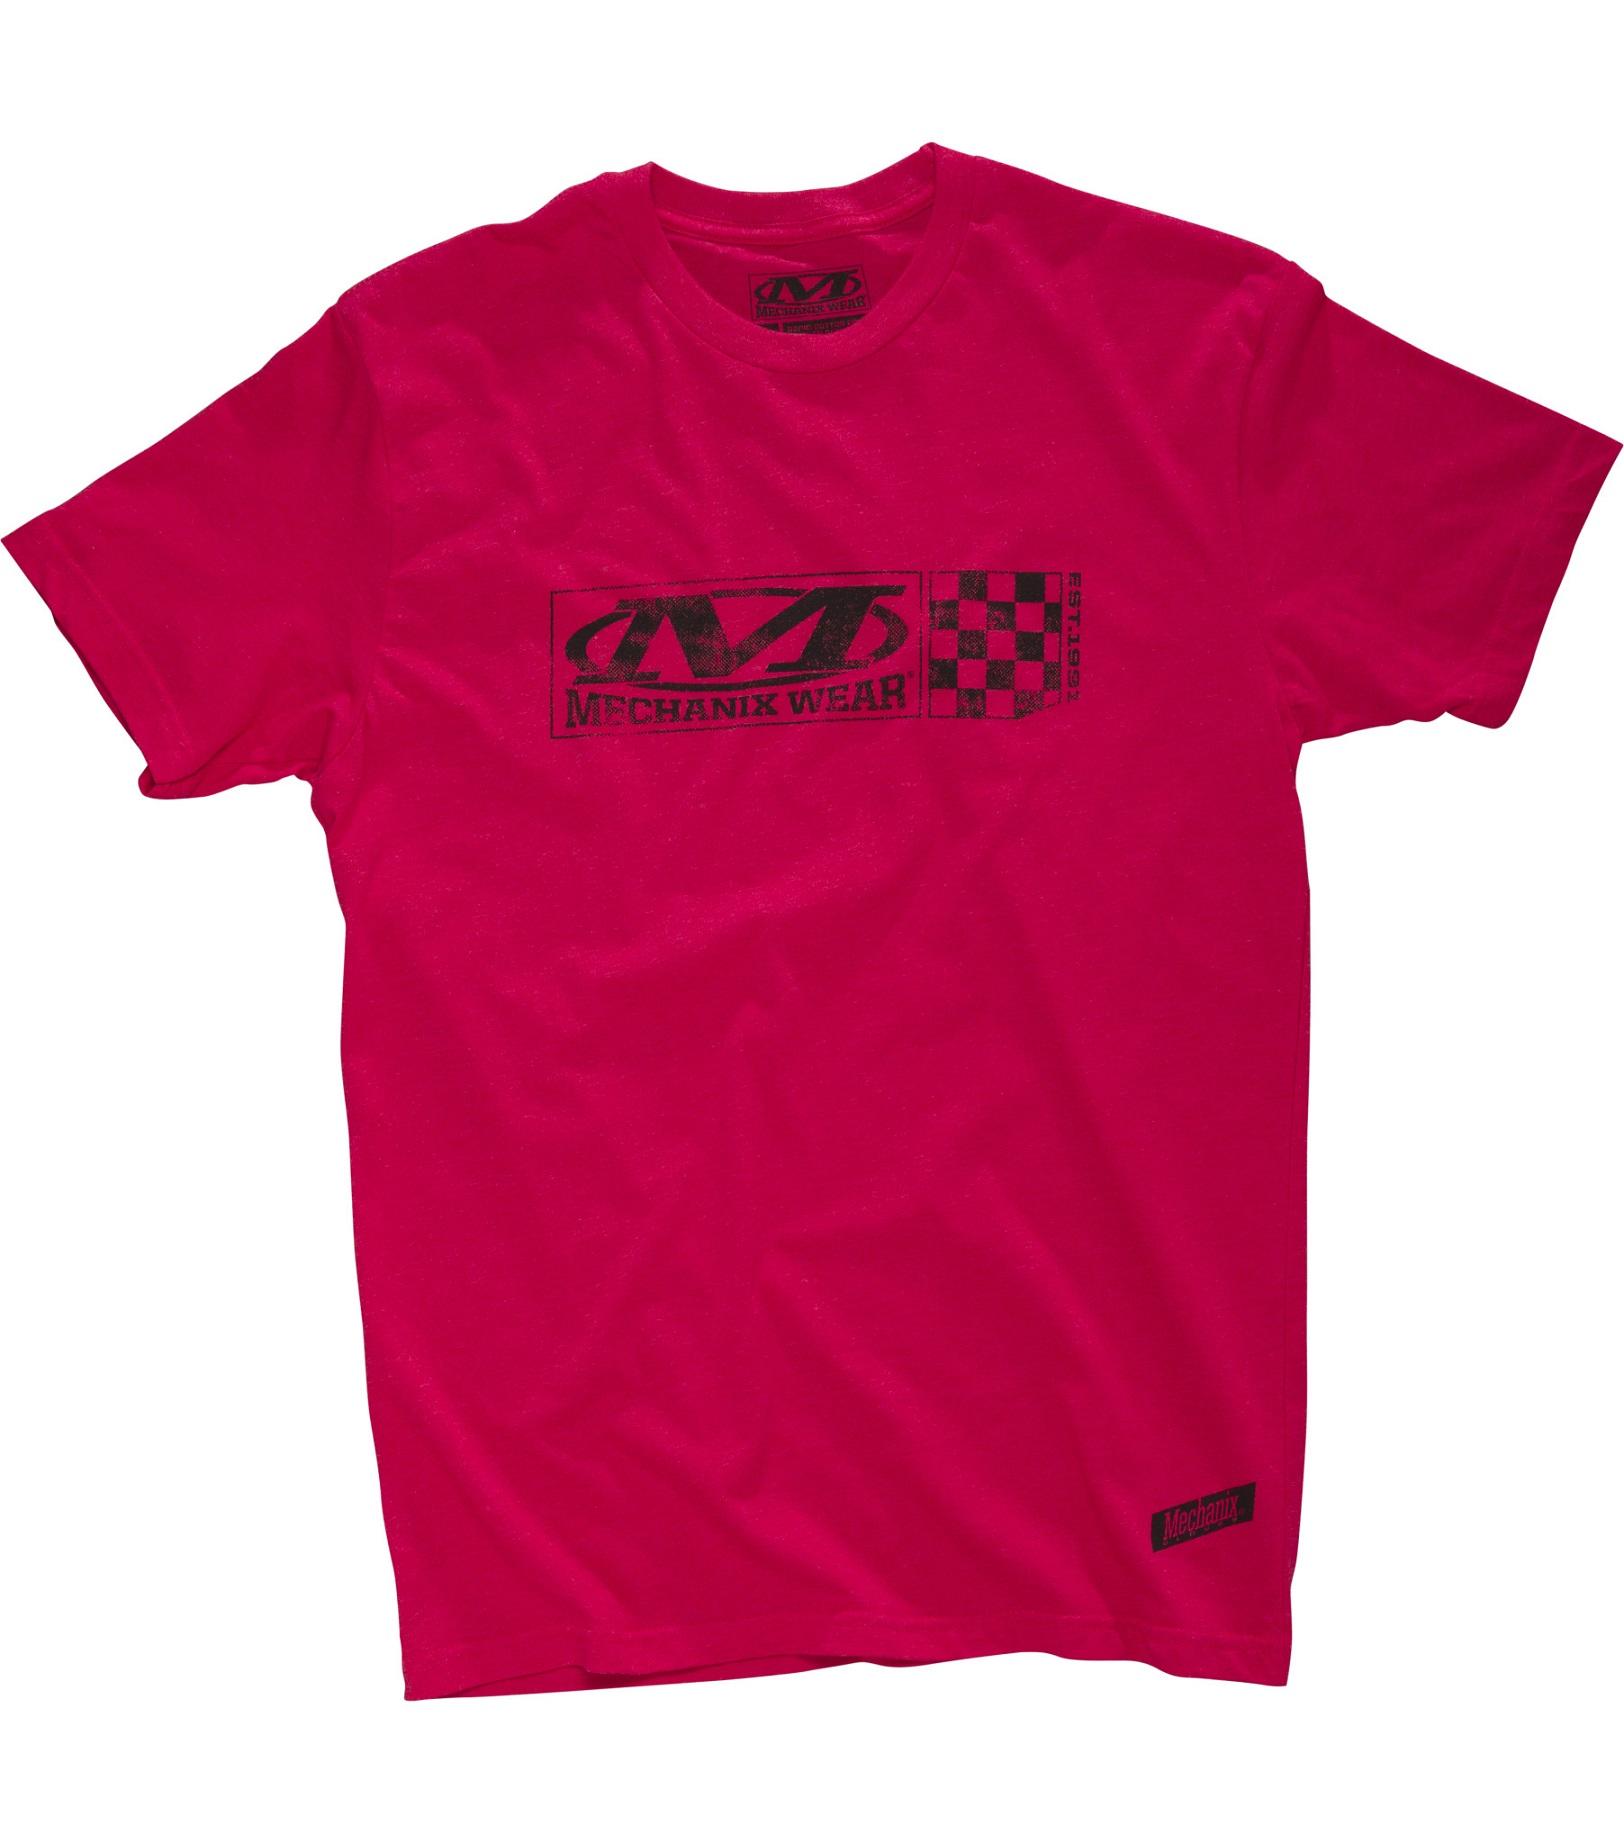 Camiseta Velocity - Mechanix